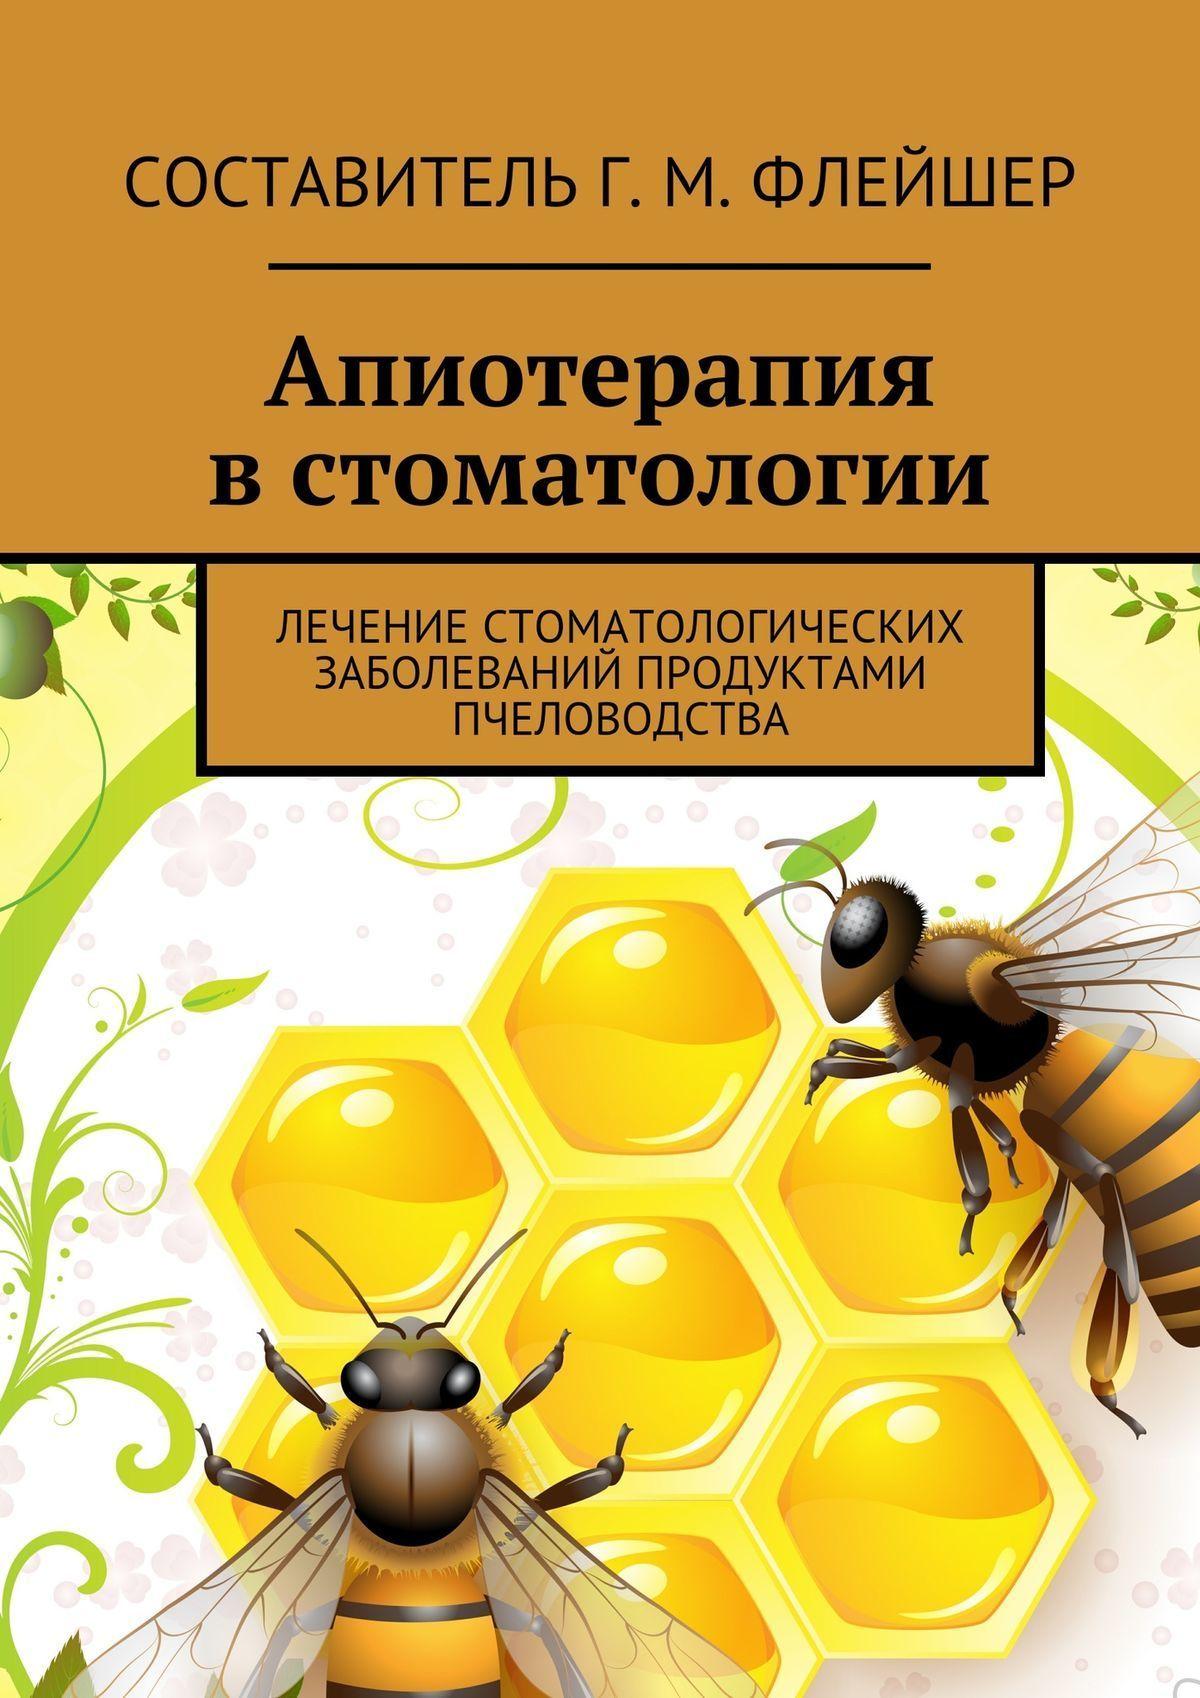 Григорий Михайлович Флейшер Апиотерапия встоматологии. Лечение стоматологических заболеваний продуктами пчеловодства владимир преображенский дары медоносной пчелы лечение продуктами пчеловодства